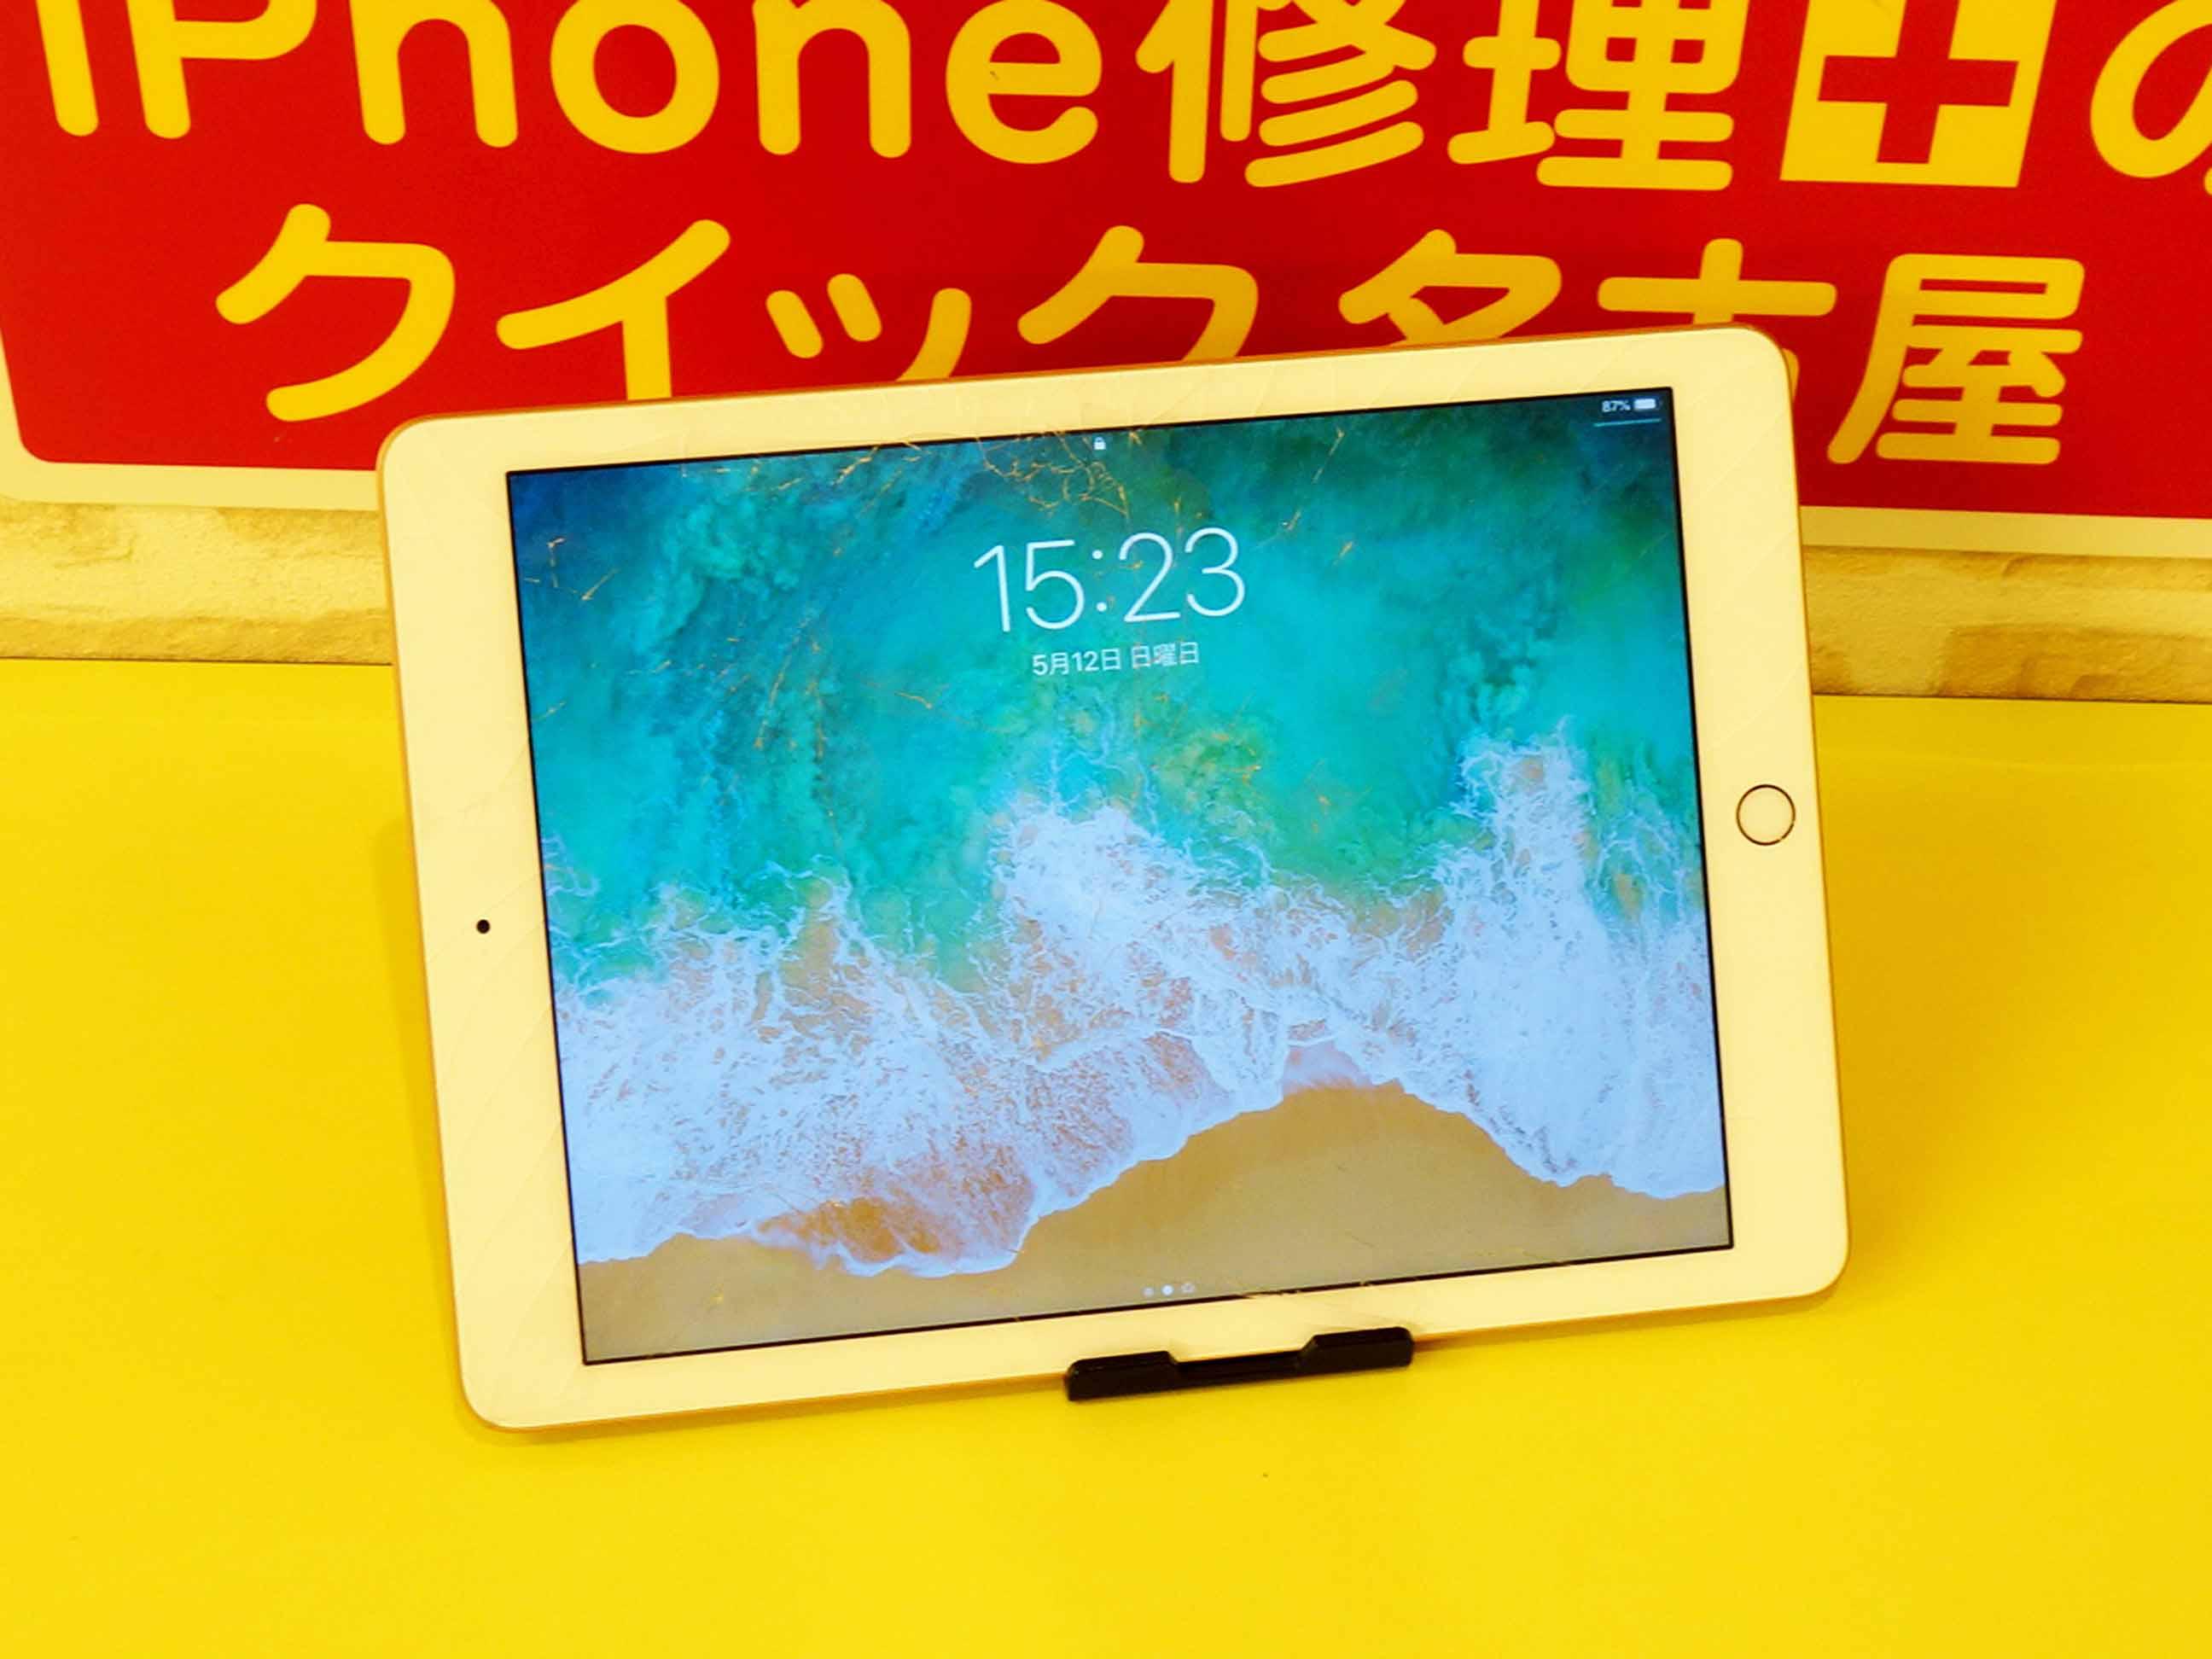 iPad6のガラス交換修理に一宮市よりご来店!アイパッド修理もクイック名古屋